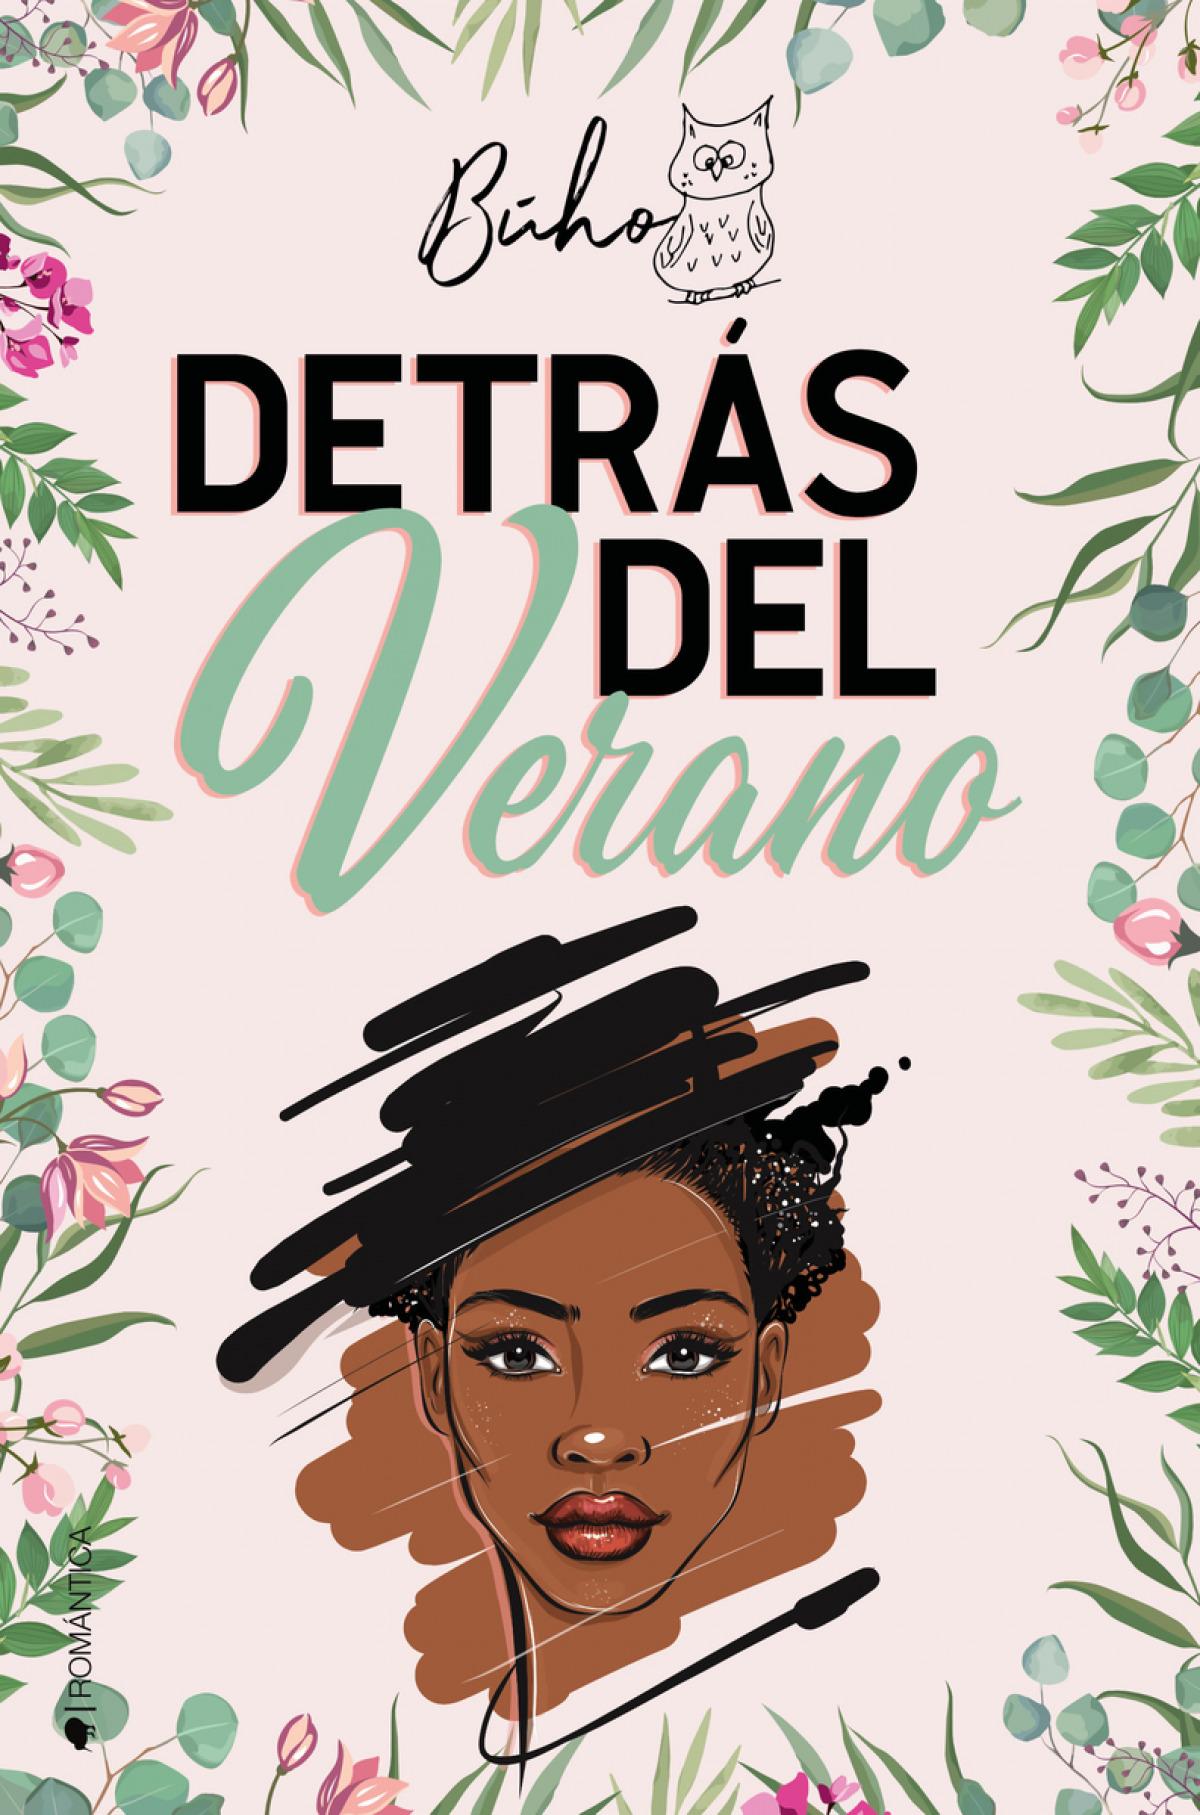 DETRÁS DEL VERANO